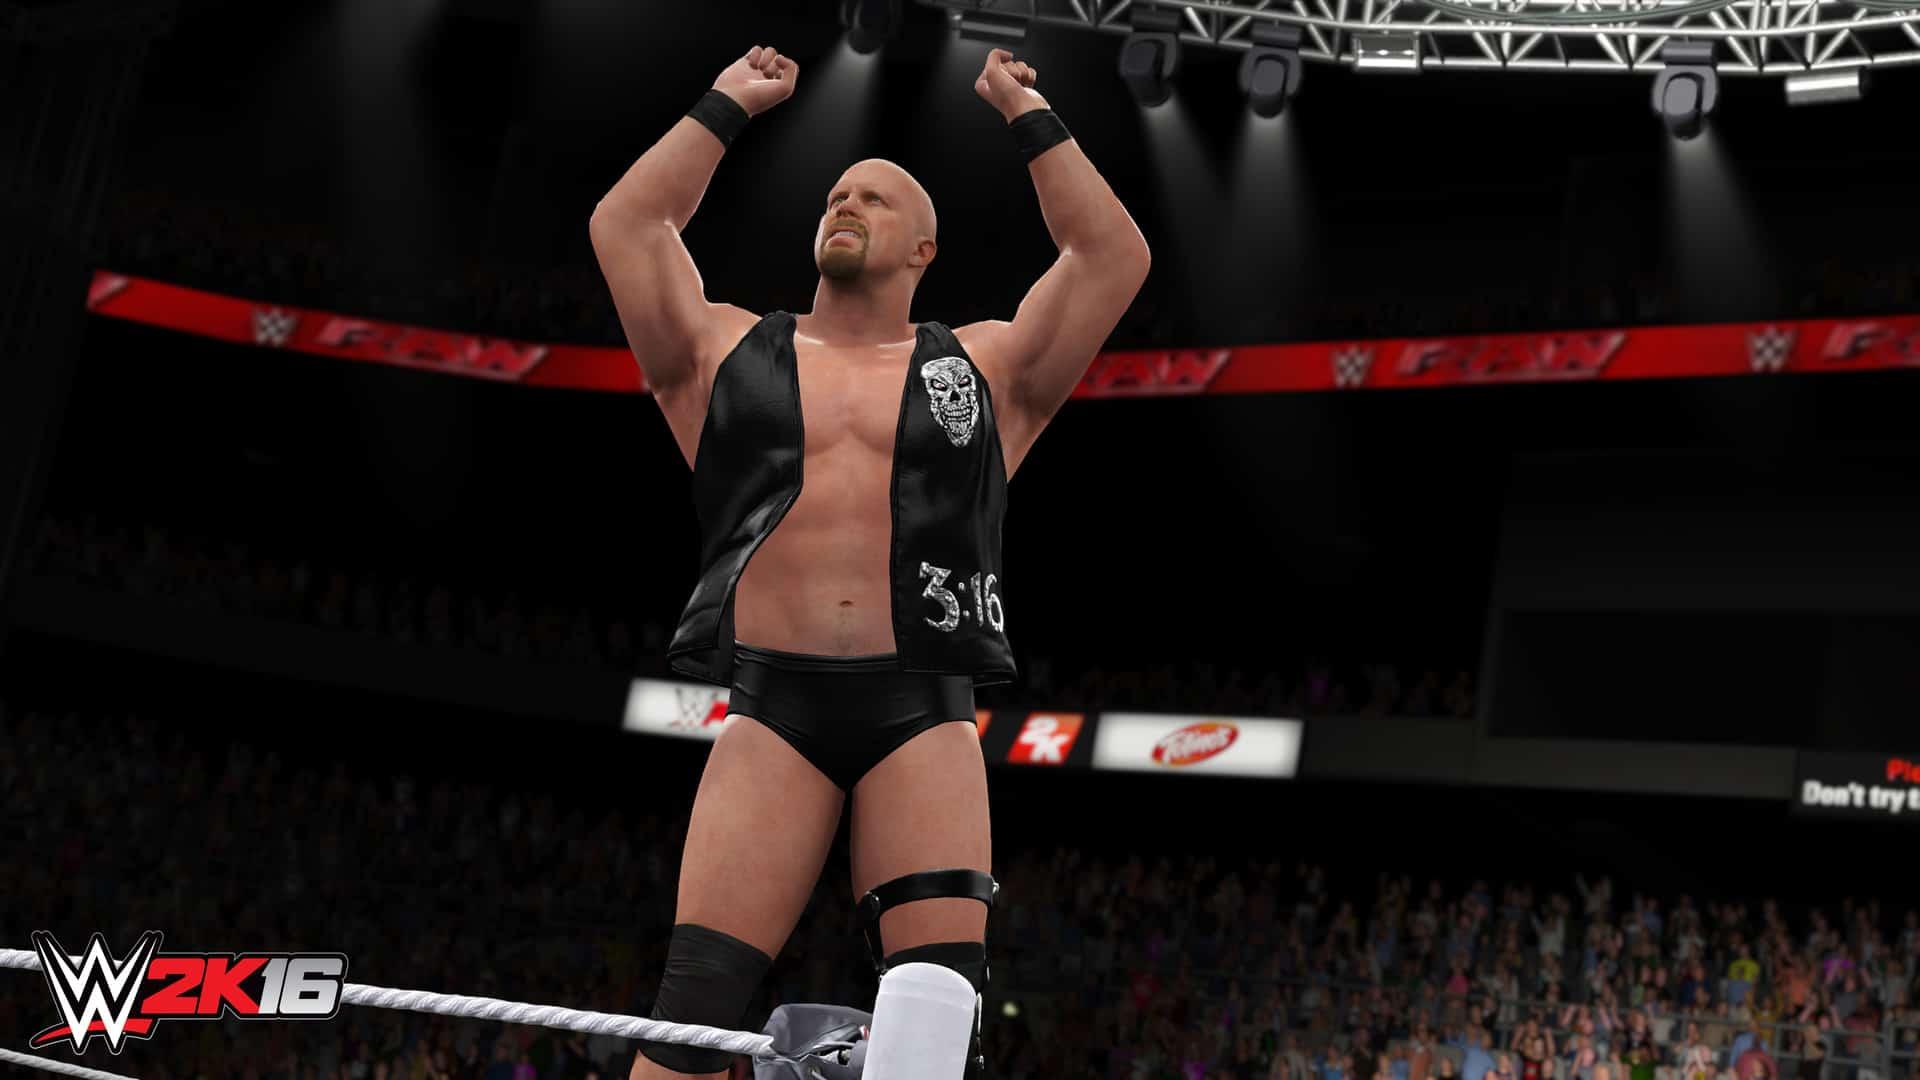 WWE 2K16 Download Game